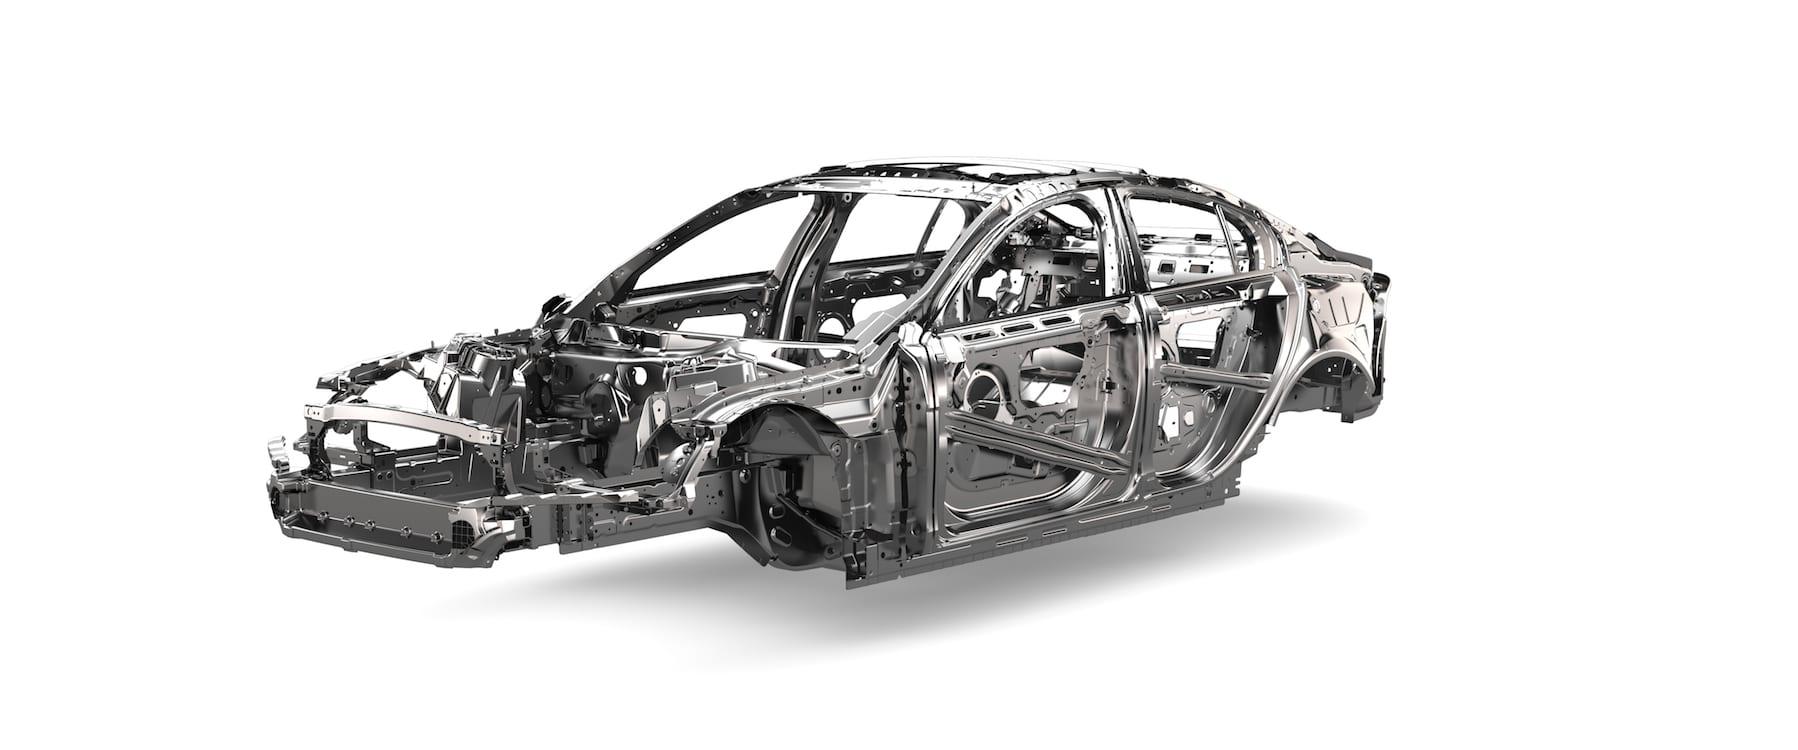 Jaguar Reveals Plans For New Xe Compact Sedan Jaguar Xe